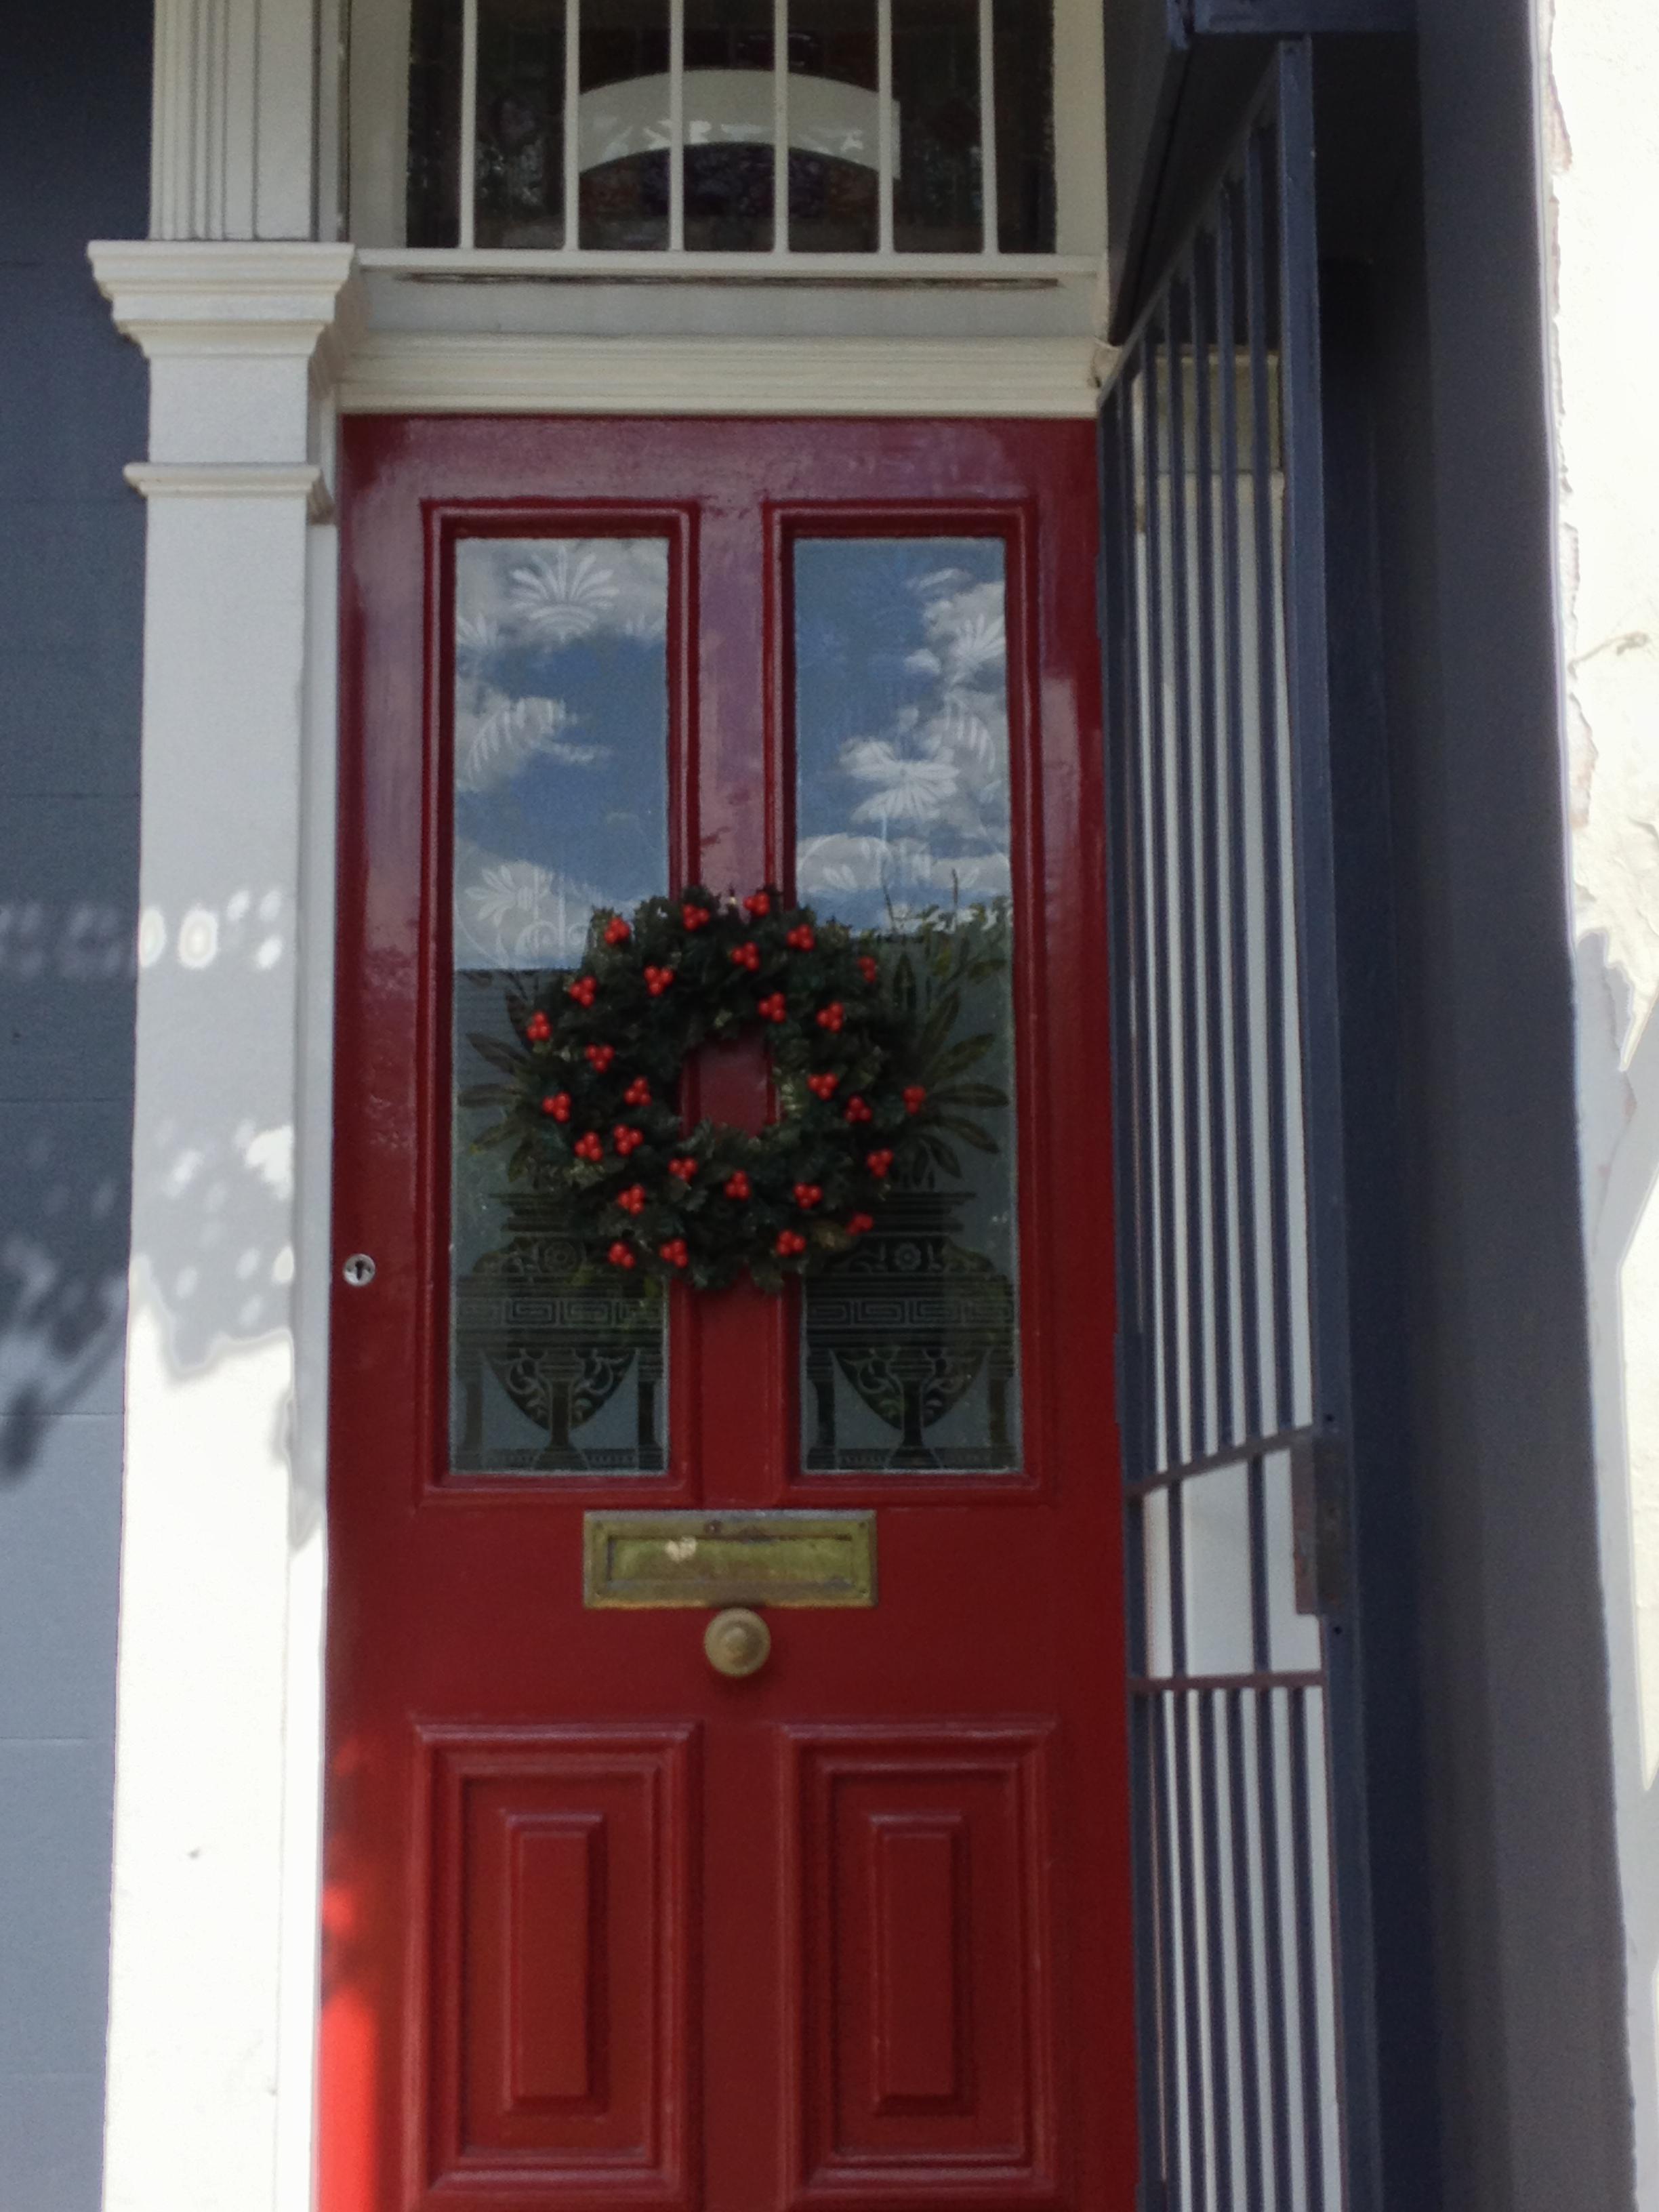 /images/Christmas_doors_3.jpg